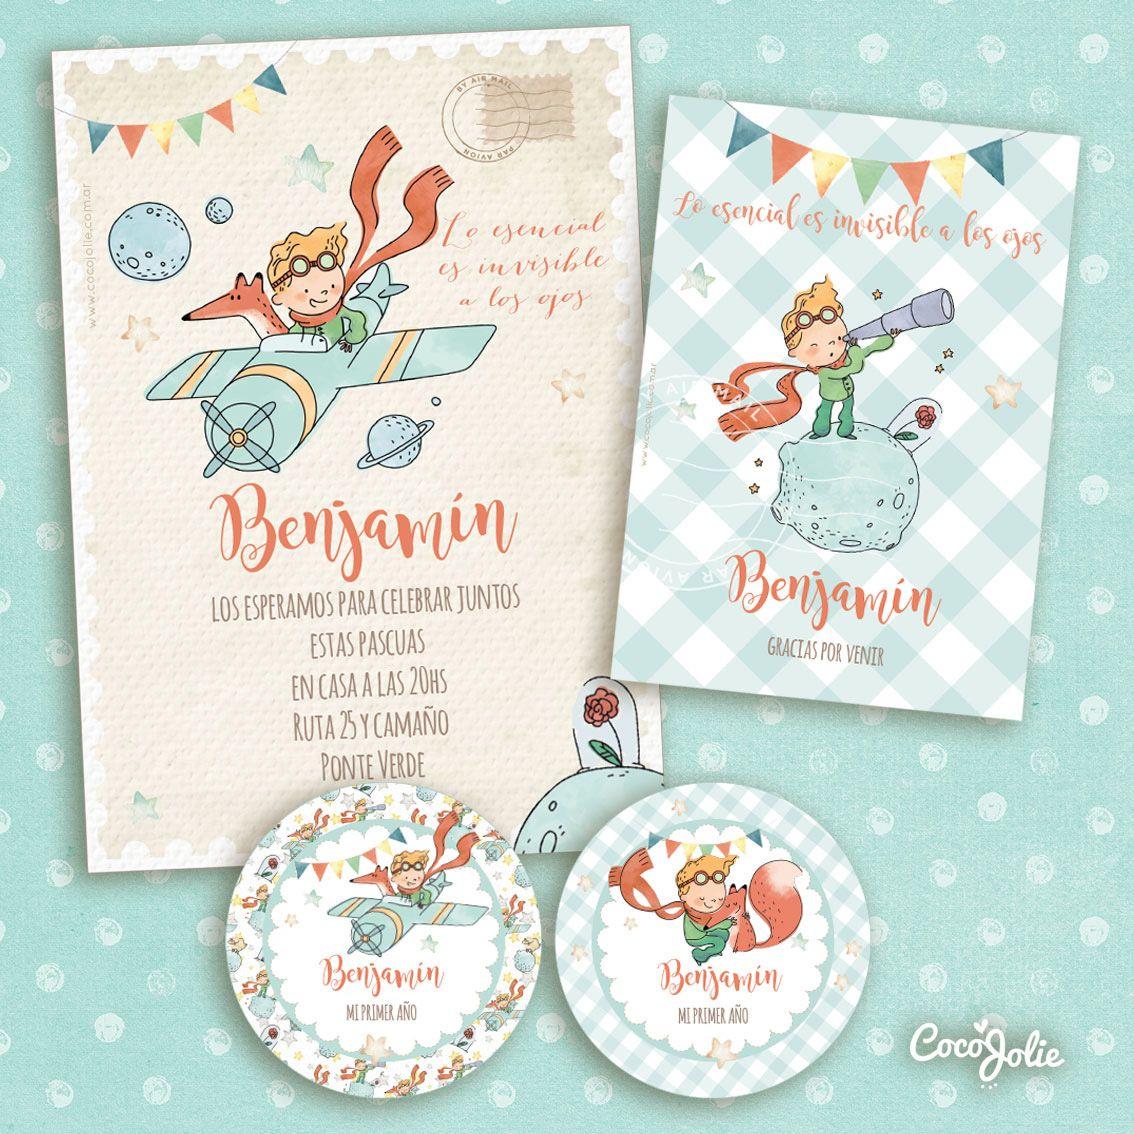 Kit El Principito Vintage Imprimible Personalizable Decoración De Fiesta Fiesta Del Principito Fiesta De Cumpleaños Príncipe